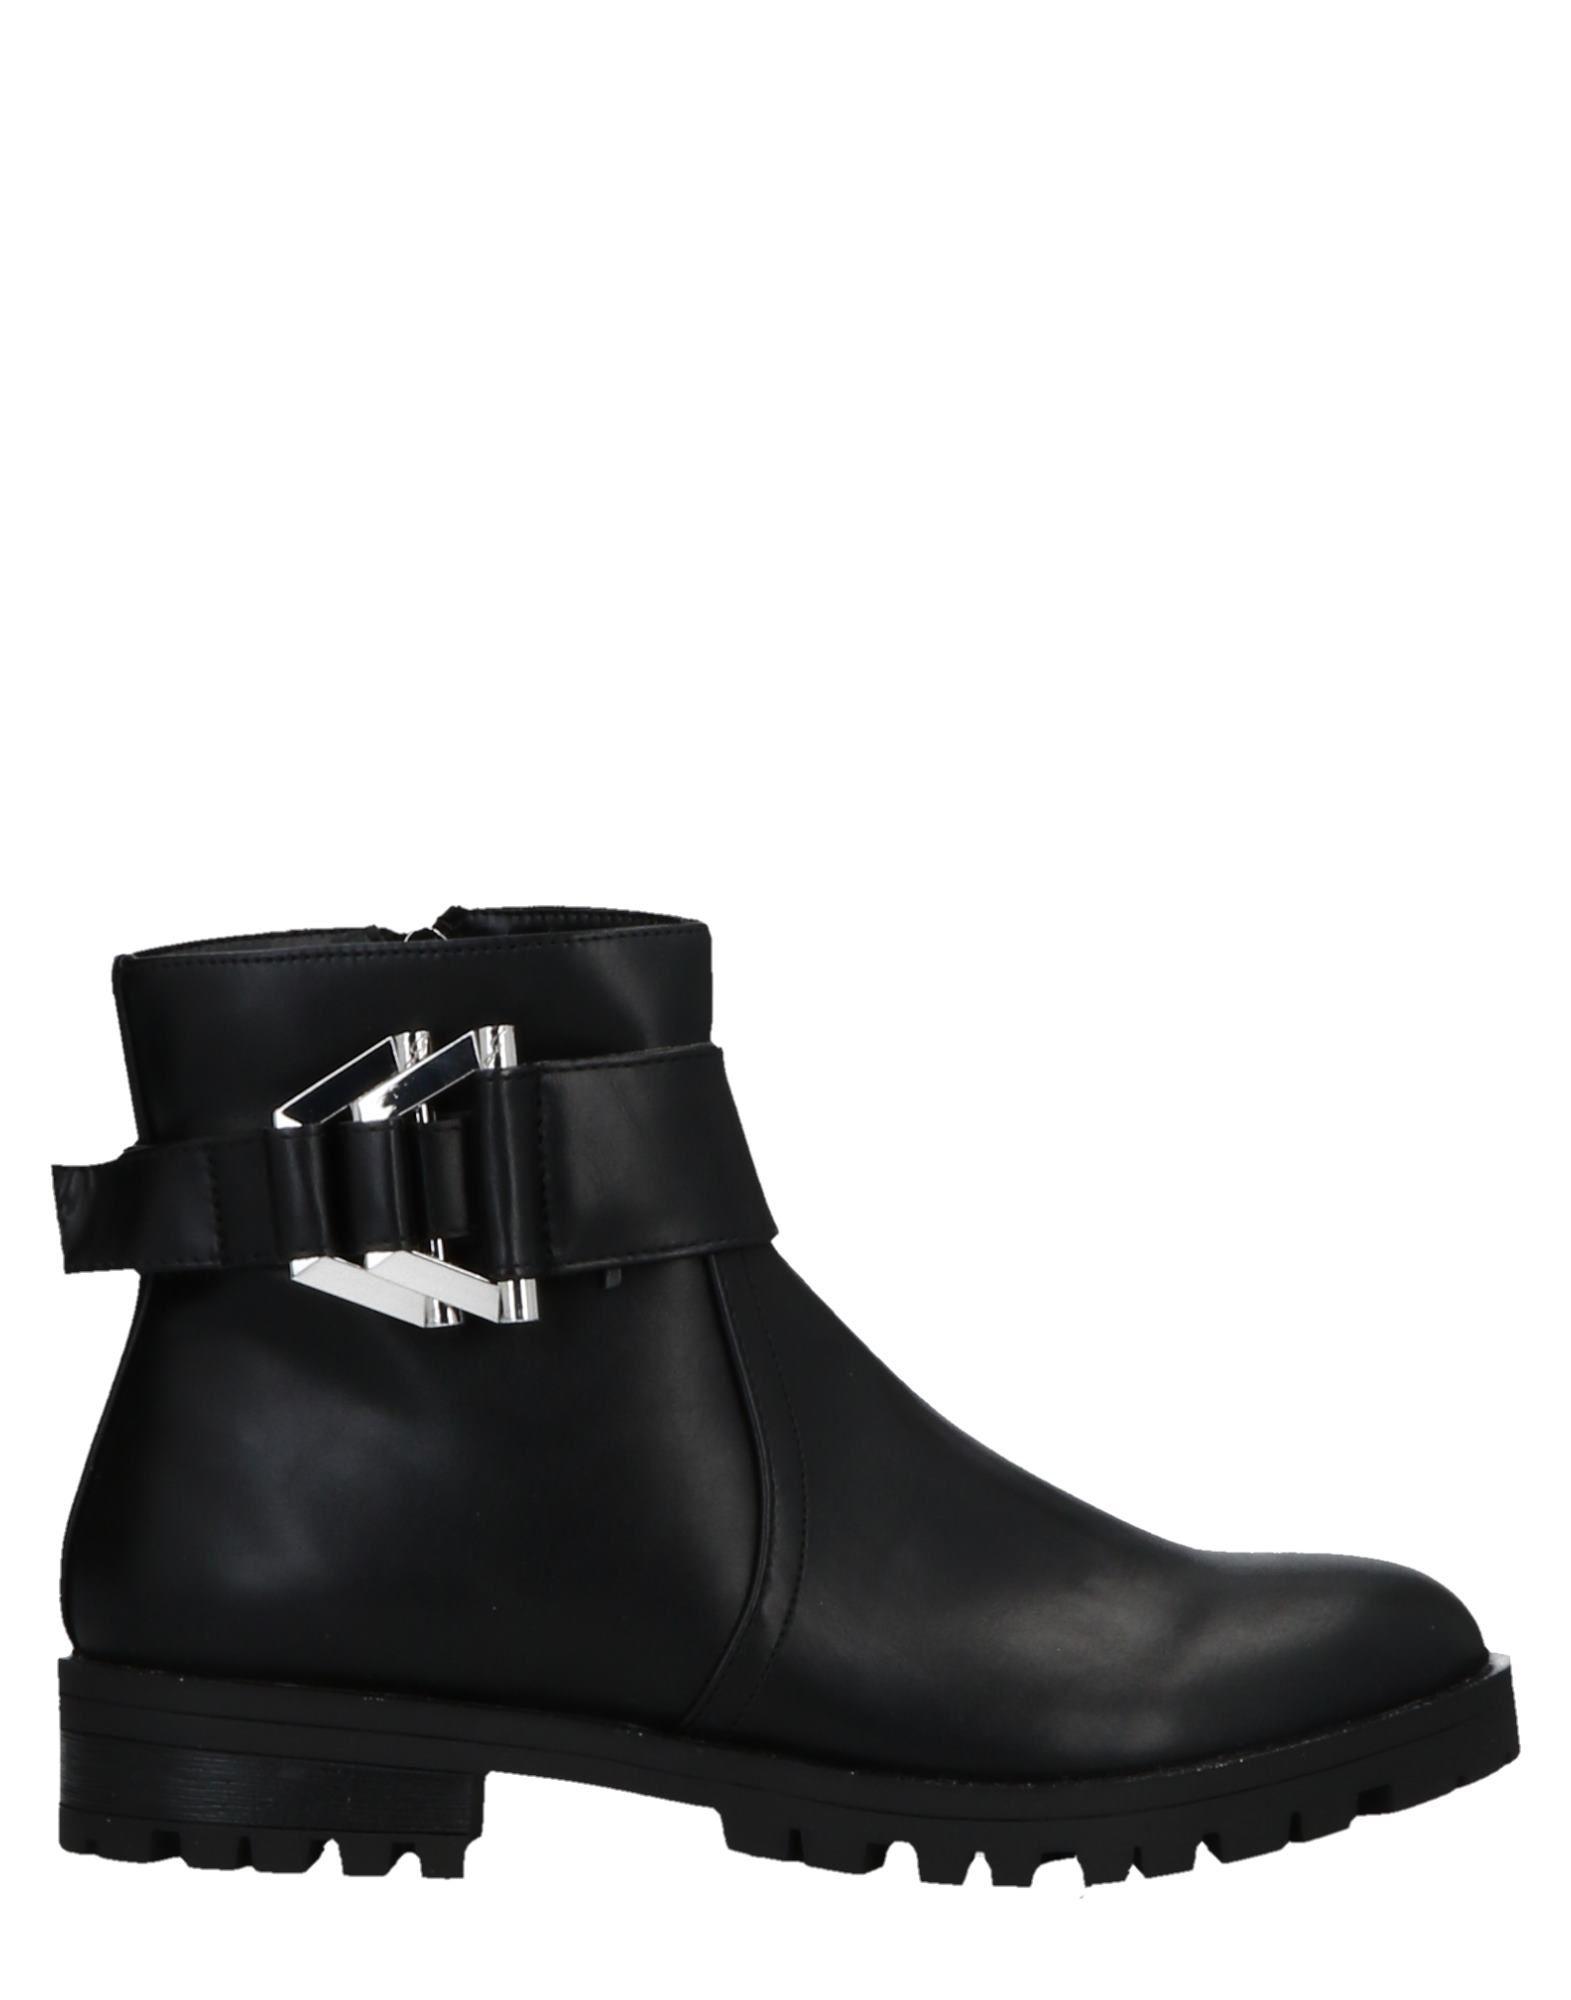 Bottine Gattinoni Femme - Bottines Gattinoni Noir Les chaussures les plus populaires pour les hommes et les femmes